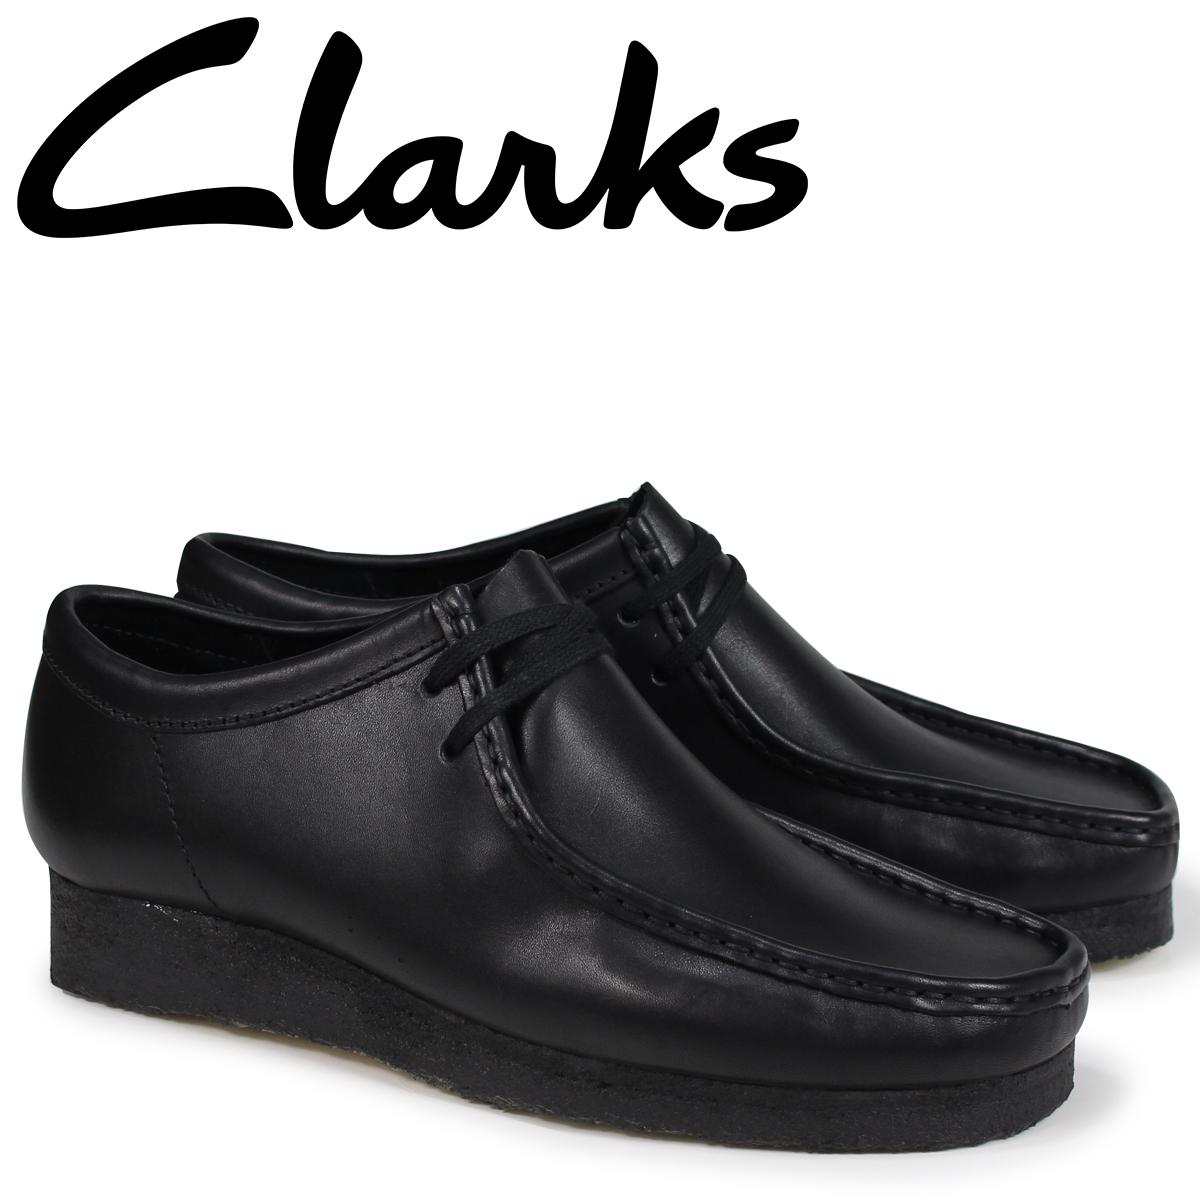 クラークス ワラビー ブーツ メンズ Clarks WALLABEE 26138269 ブラック [9/19 新入荷]